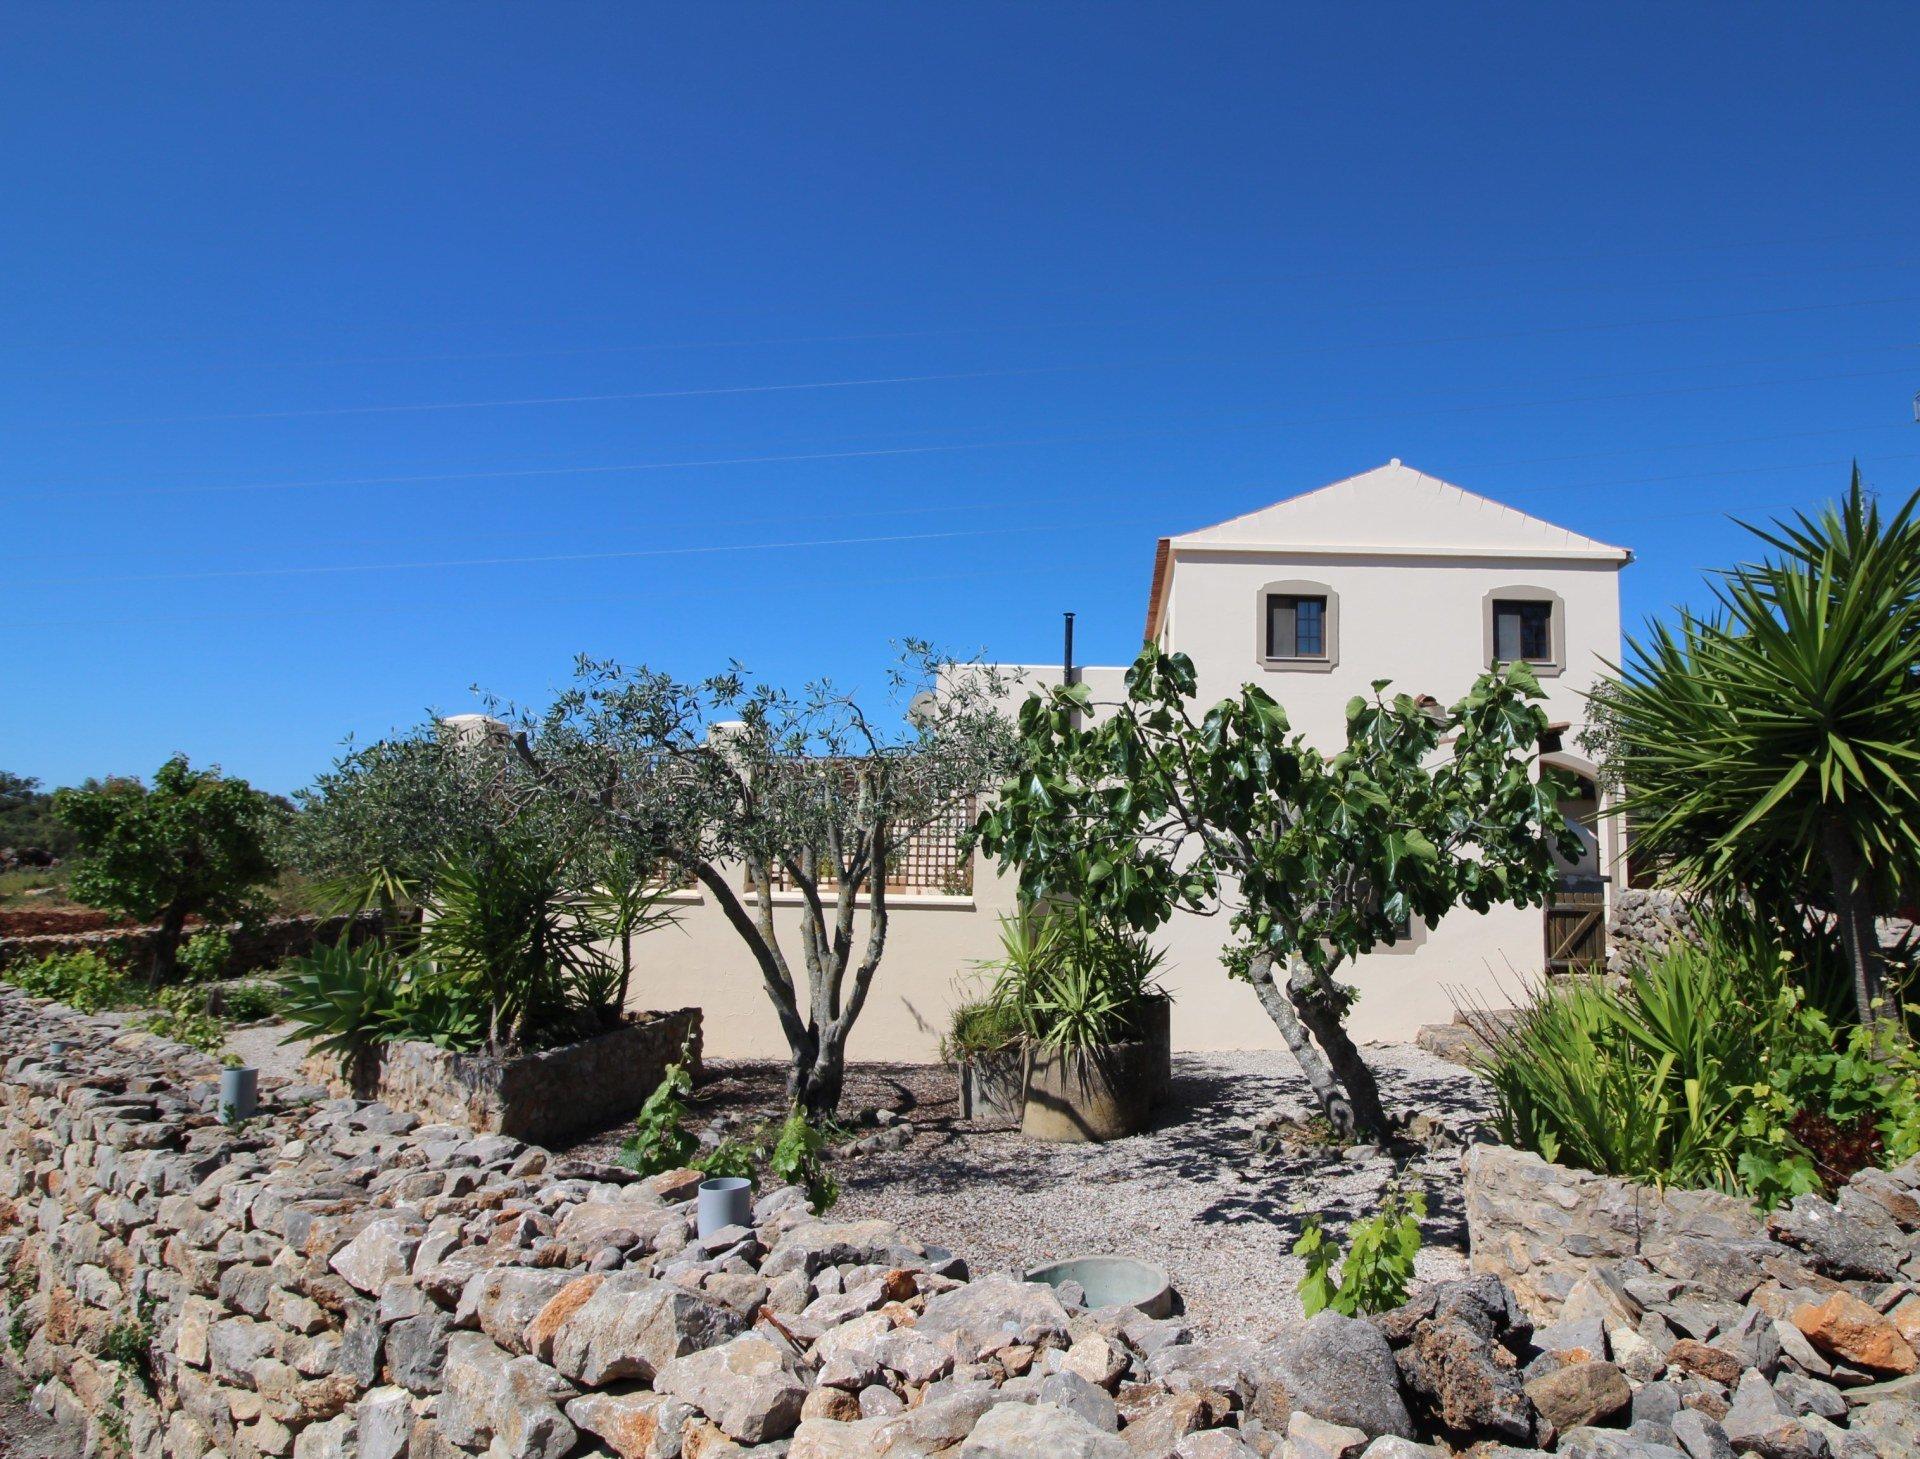 6 Bedroom Villa Sao Bras de Alportel, Central Algarve Ref: MV22563